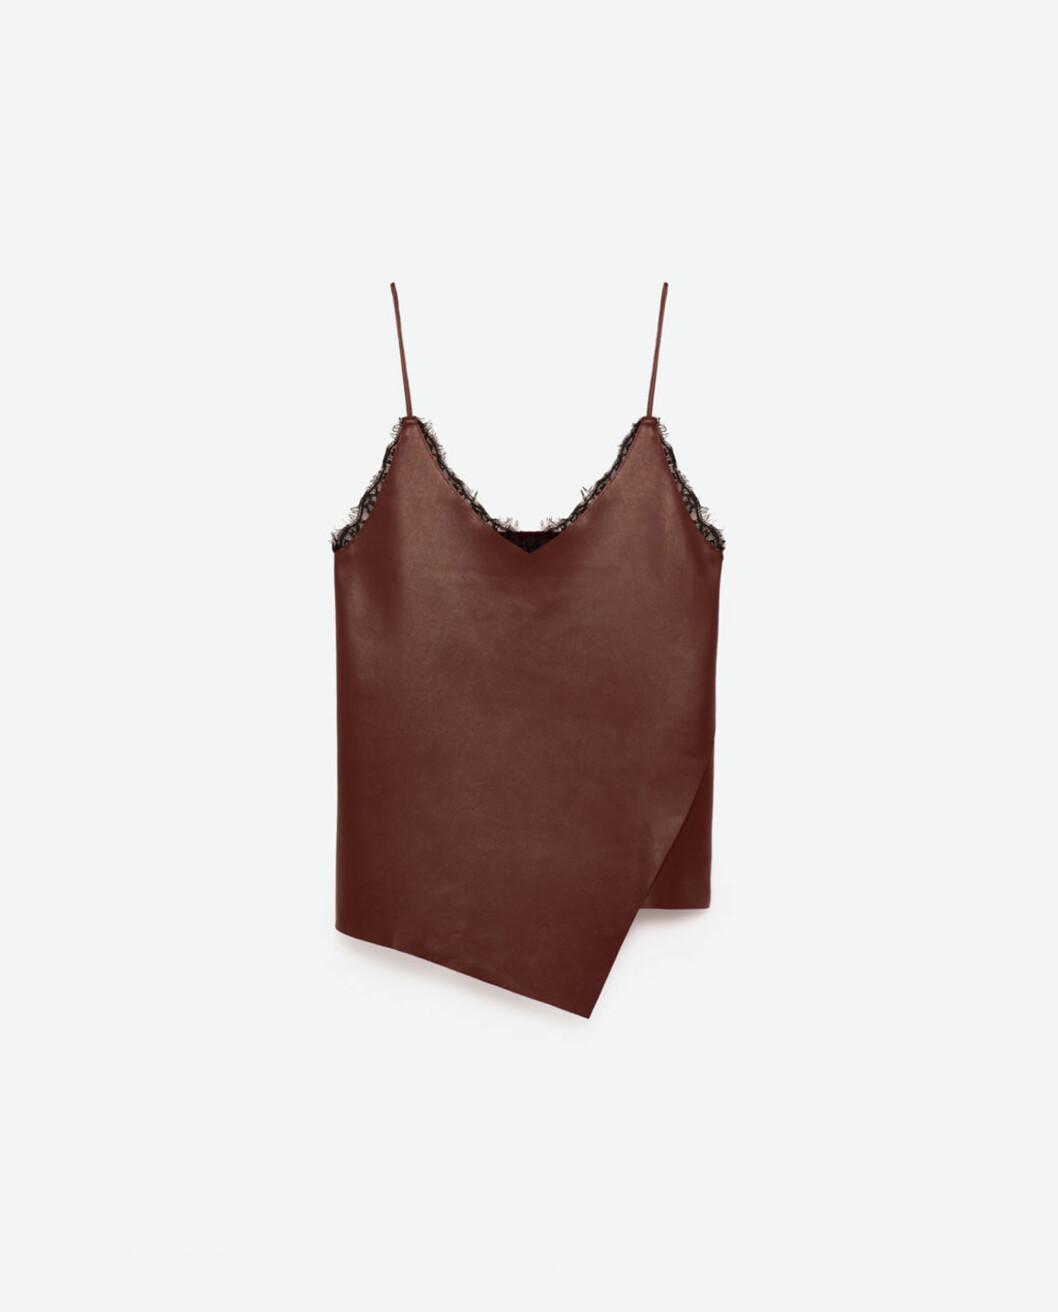 Topp fra Zara | kr 199 | http://www.zara.com/no/no/dame/skjorter/se-alle/blondetopp-med-stropper-c733890p4028002.html